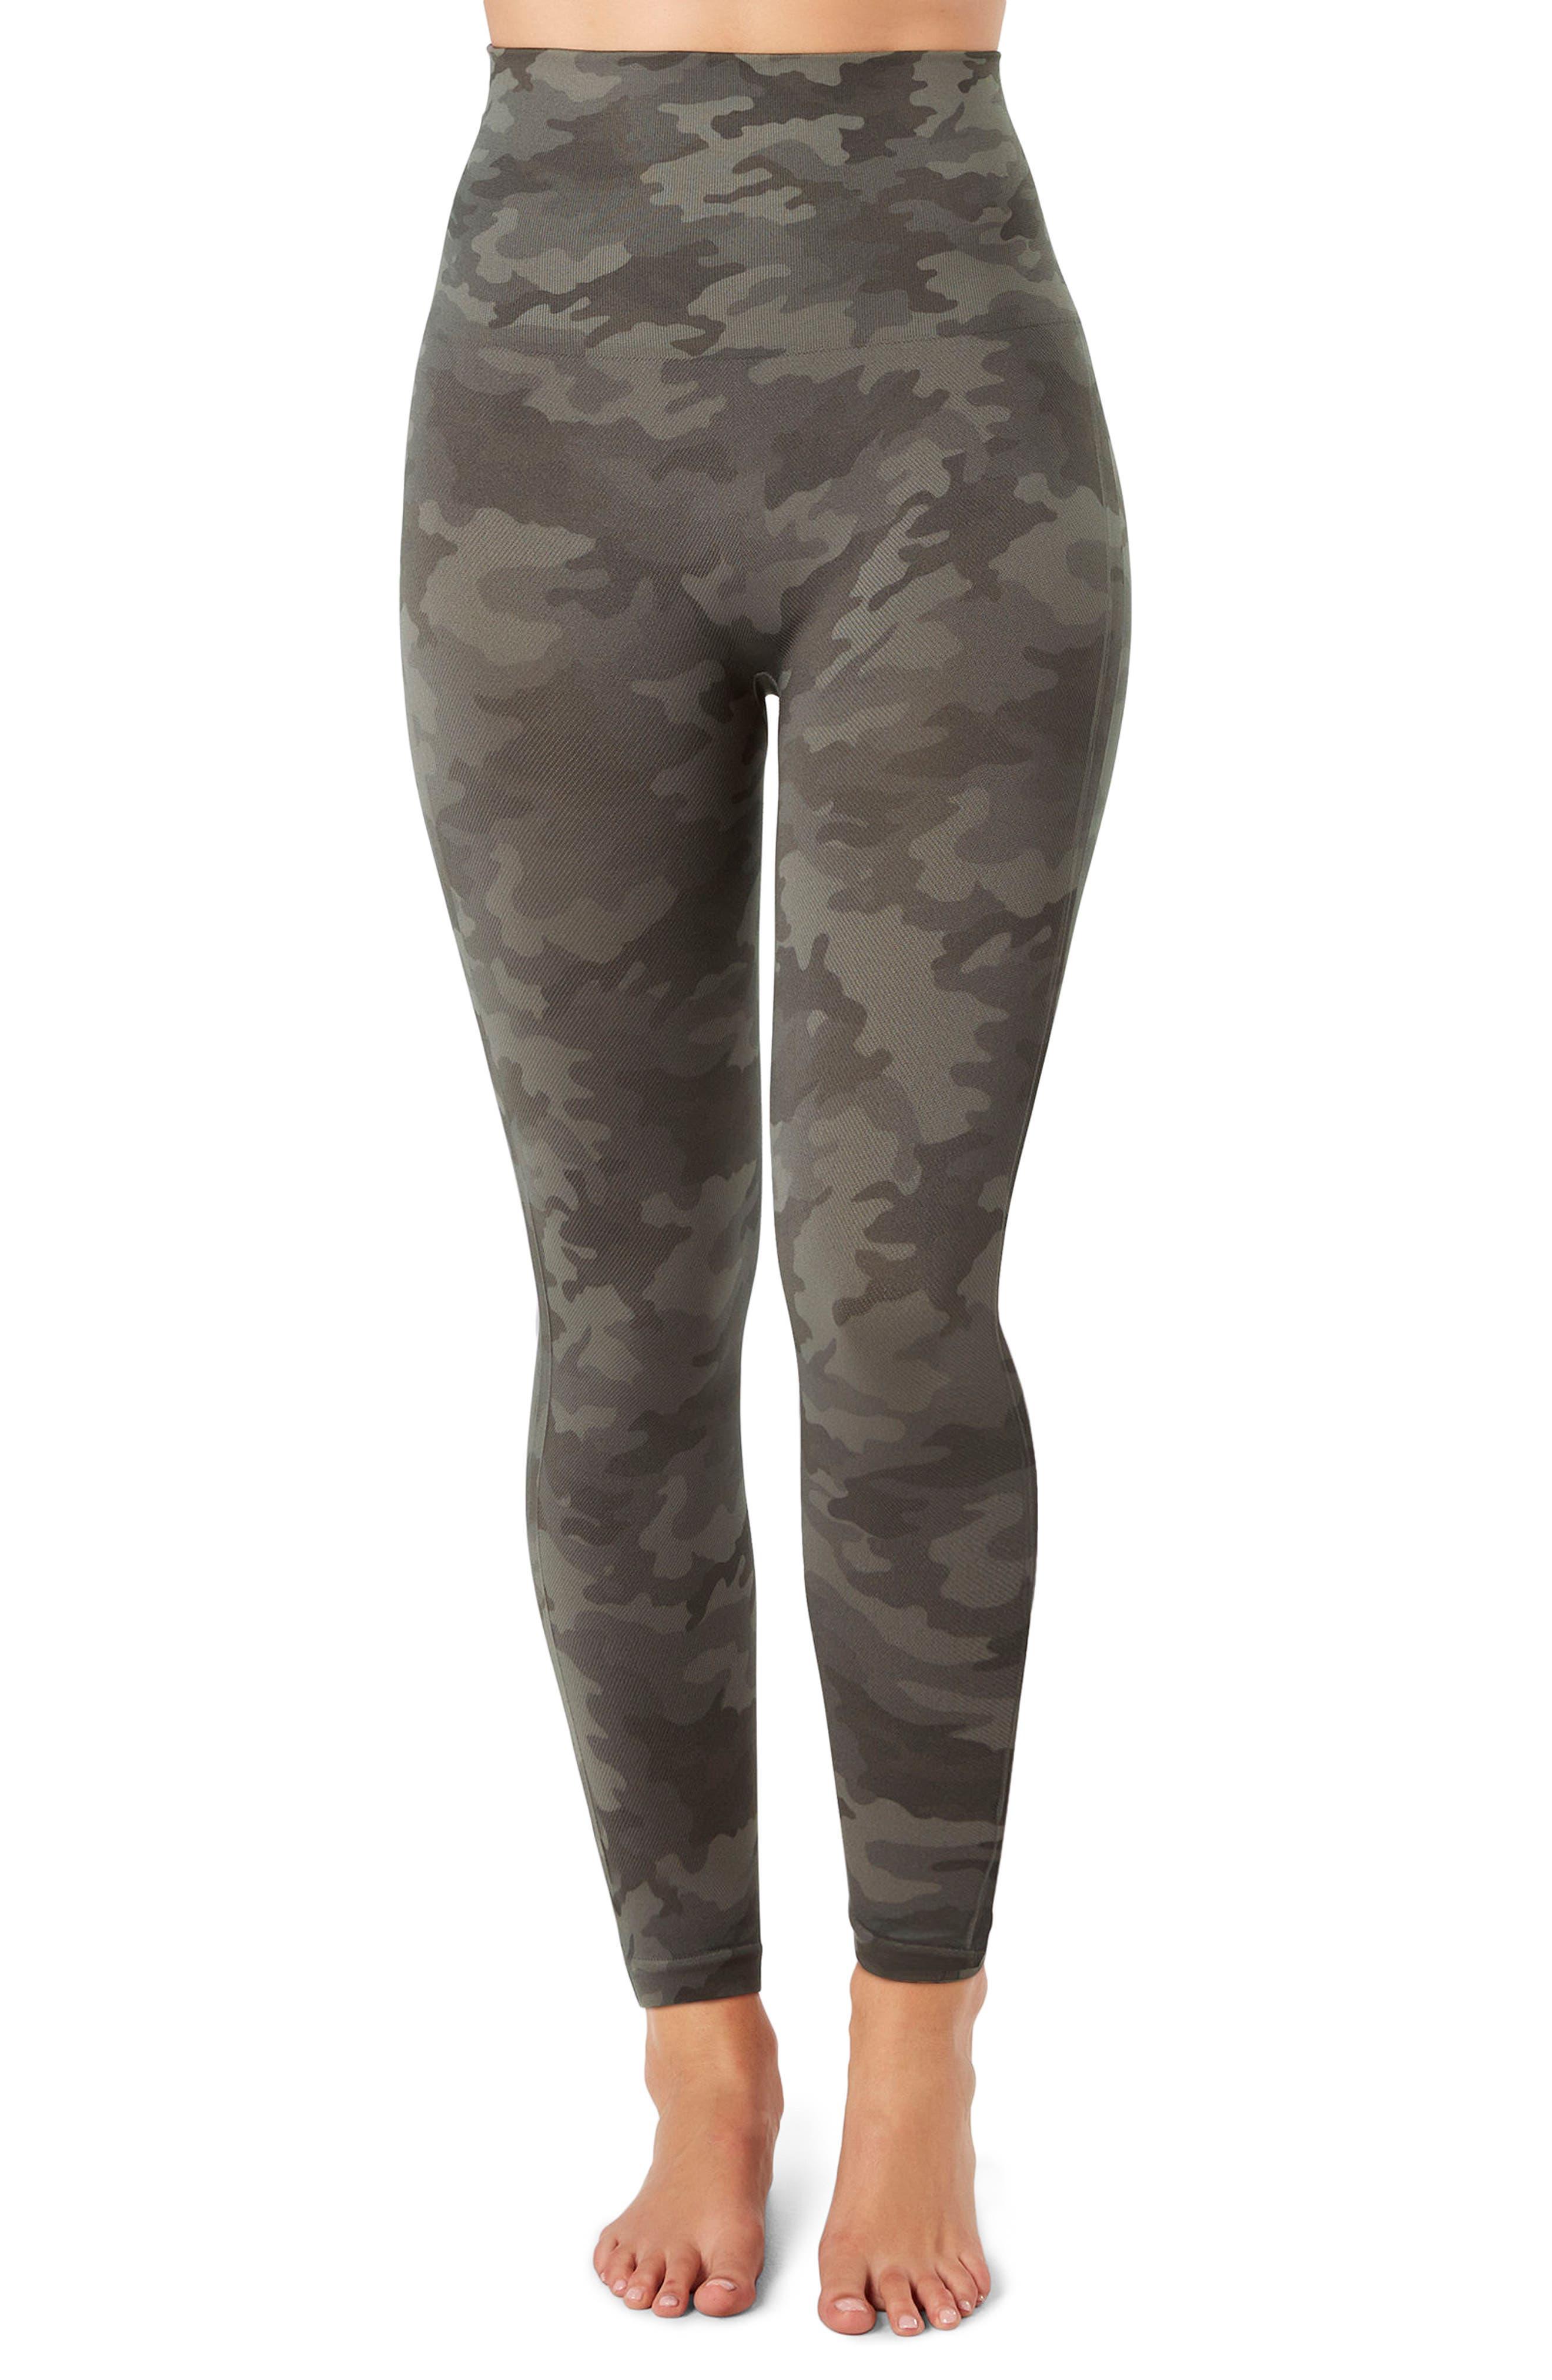 d7659deb2235fd capri leggings | Nordstrom